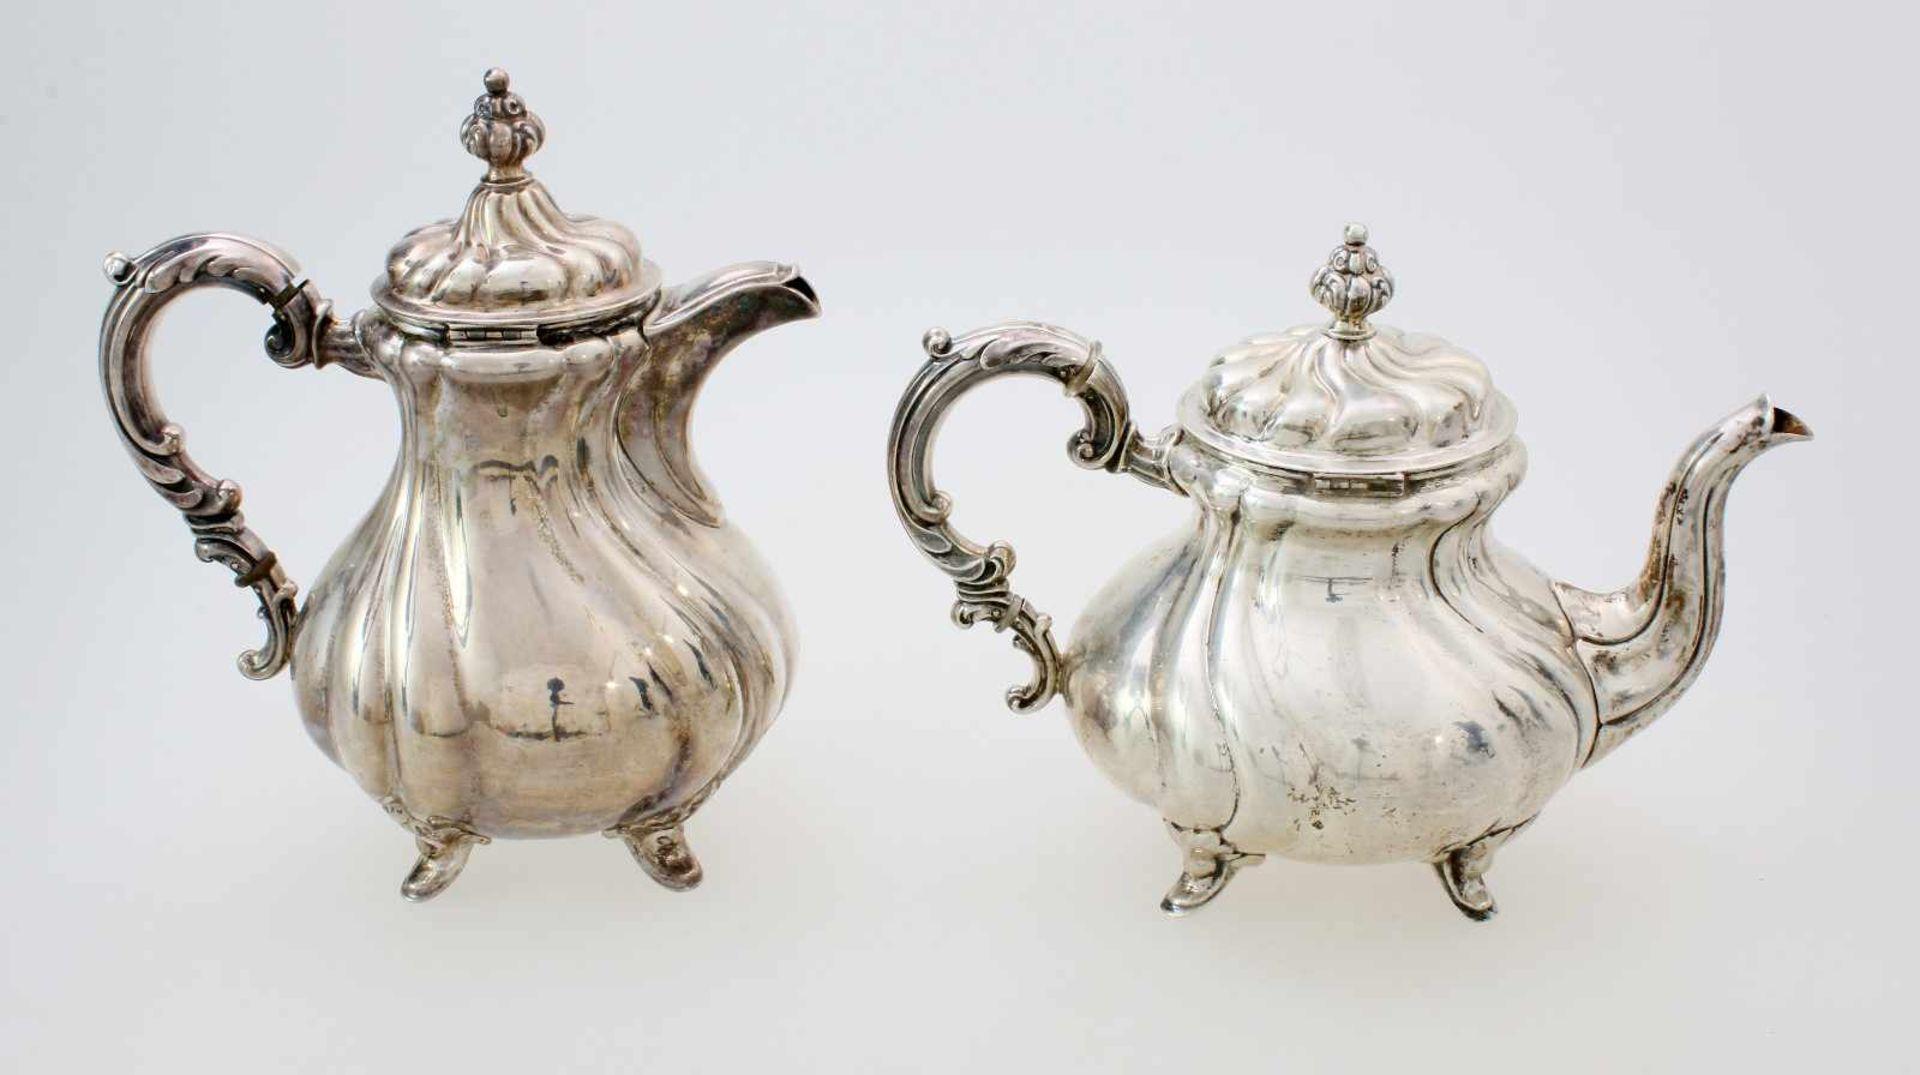 2 silberne Tee- und KaffeekannenBeide Kannen godronierter, bauchiger Korpus, Deckel en suite, - Bild 2 aus 5